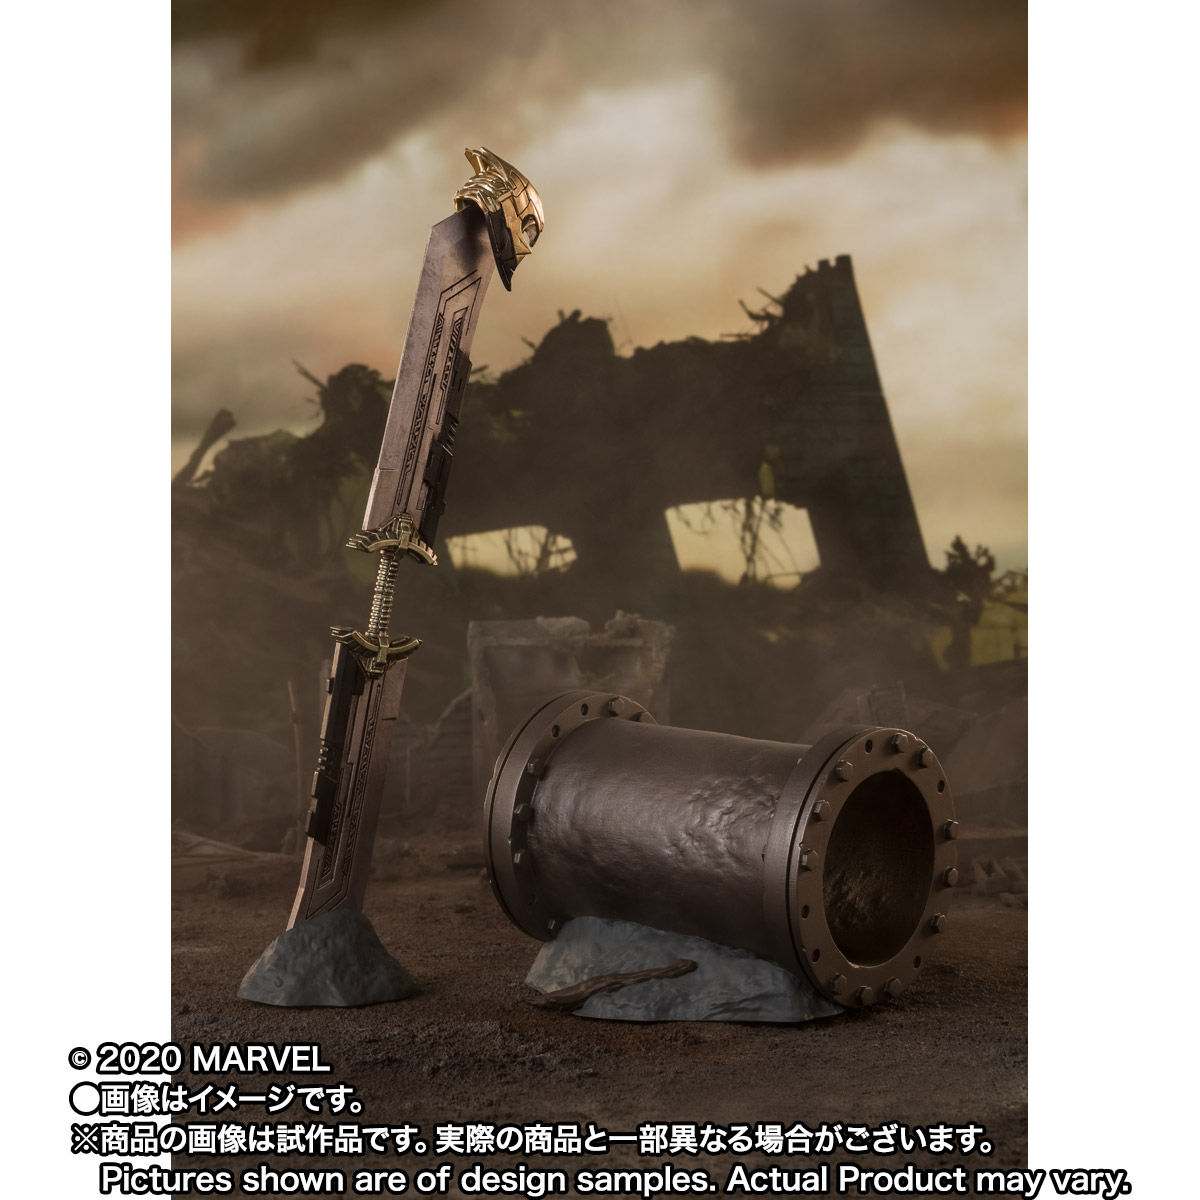 【限定販売】S.H.Figuarts『サノス -《FINAL BATTLE》 EDITION-』アベンジャーズ/エンドゲーム 可動フィギュア-006